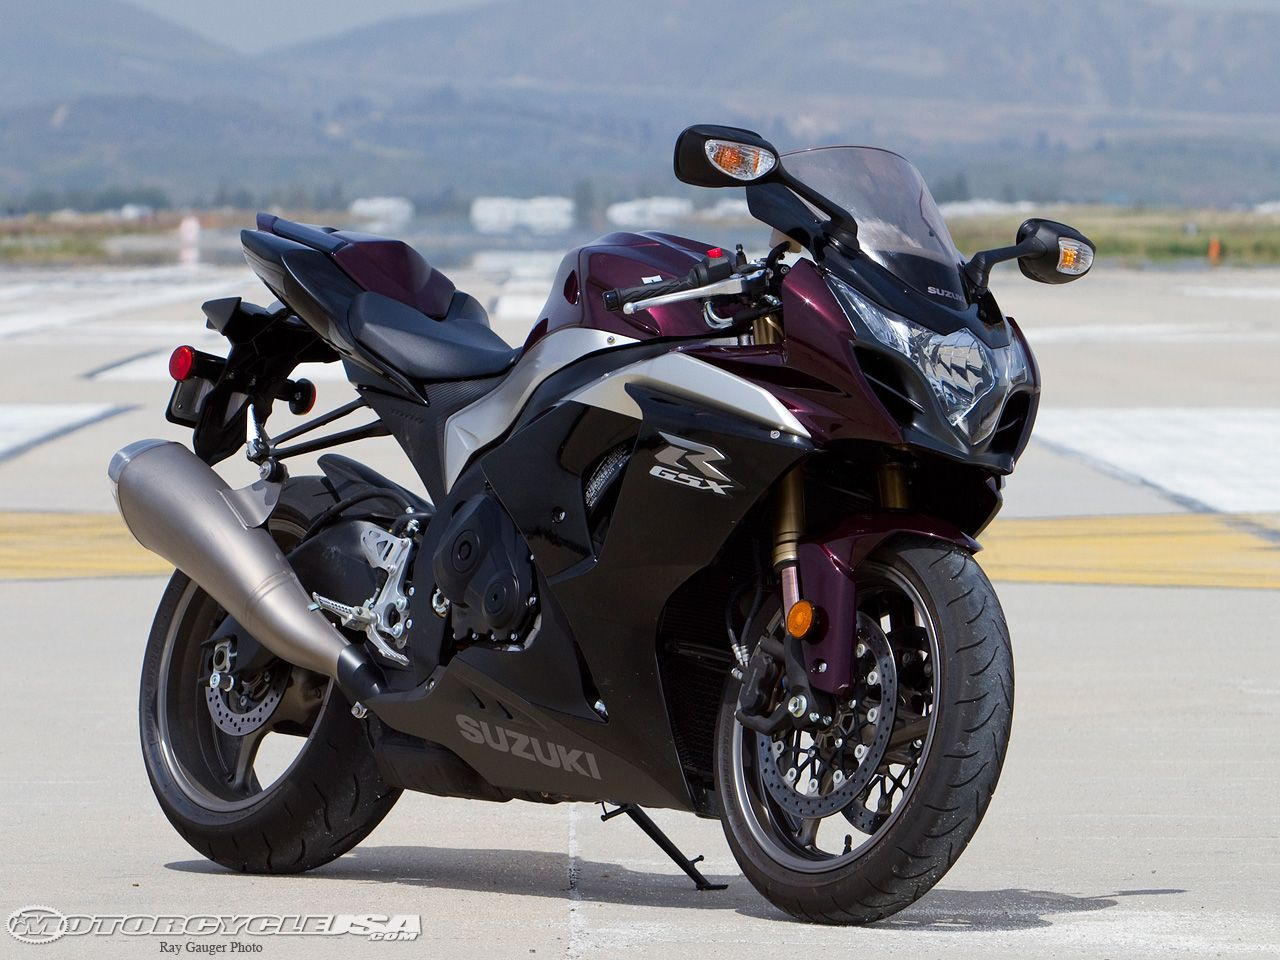 Suzuki quadsport z400 reviews prices and specs autos weblog suzuki - Suzuki Gsxr 1000 Google Search